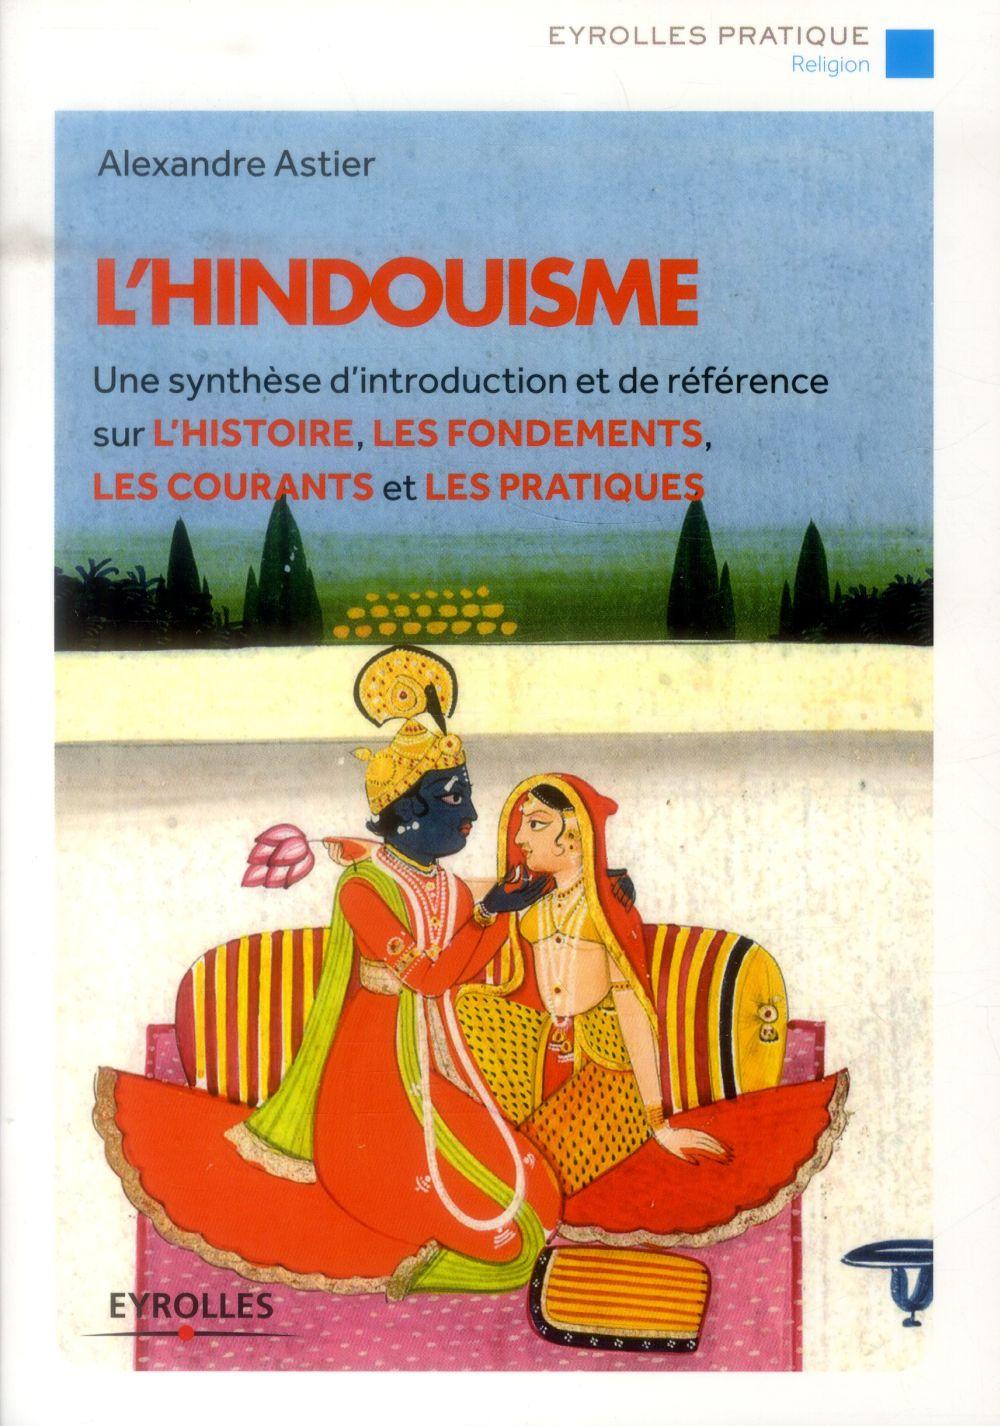 L'HINDOUISME